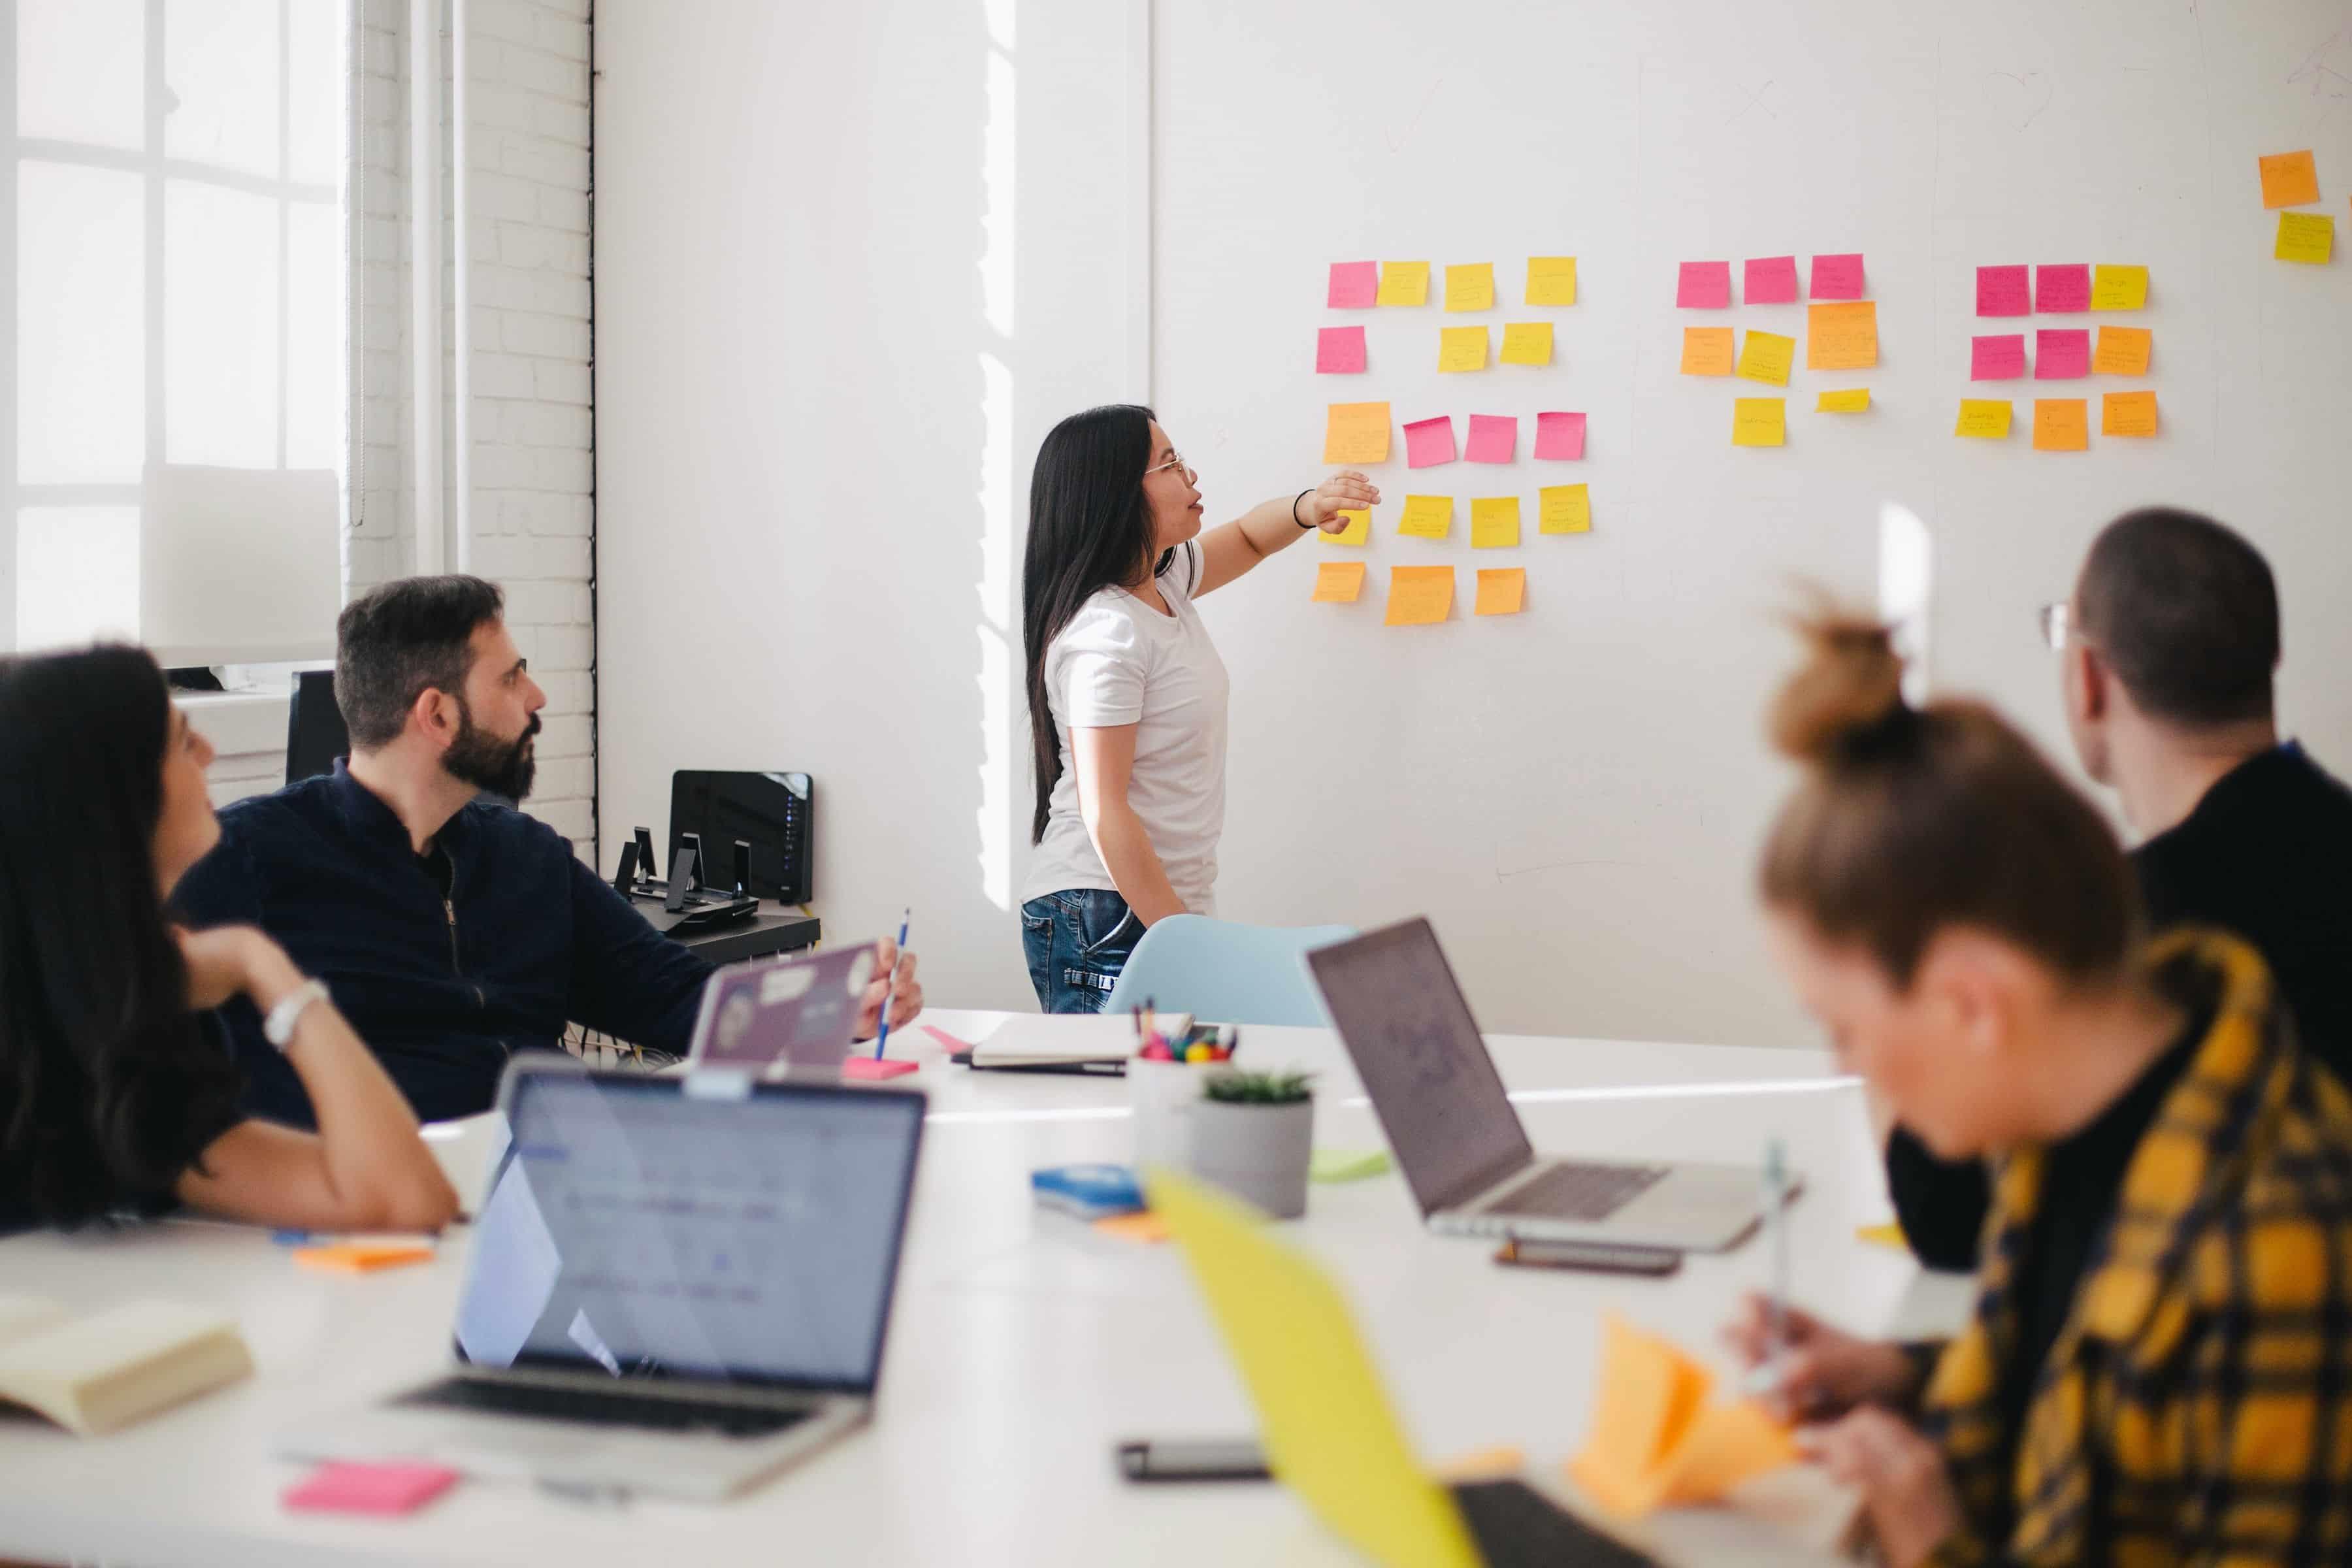 Séminaire de team building et culture d'entreprise